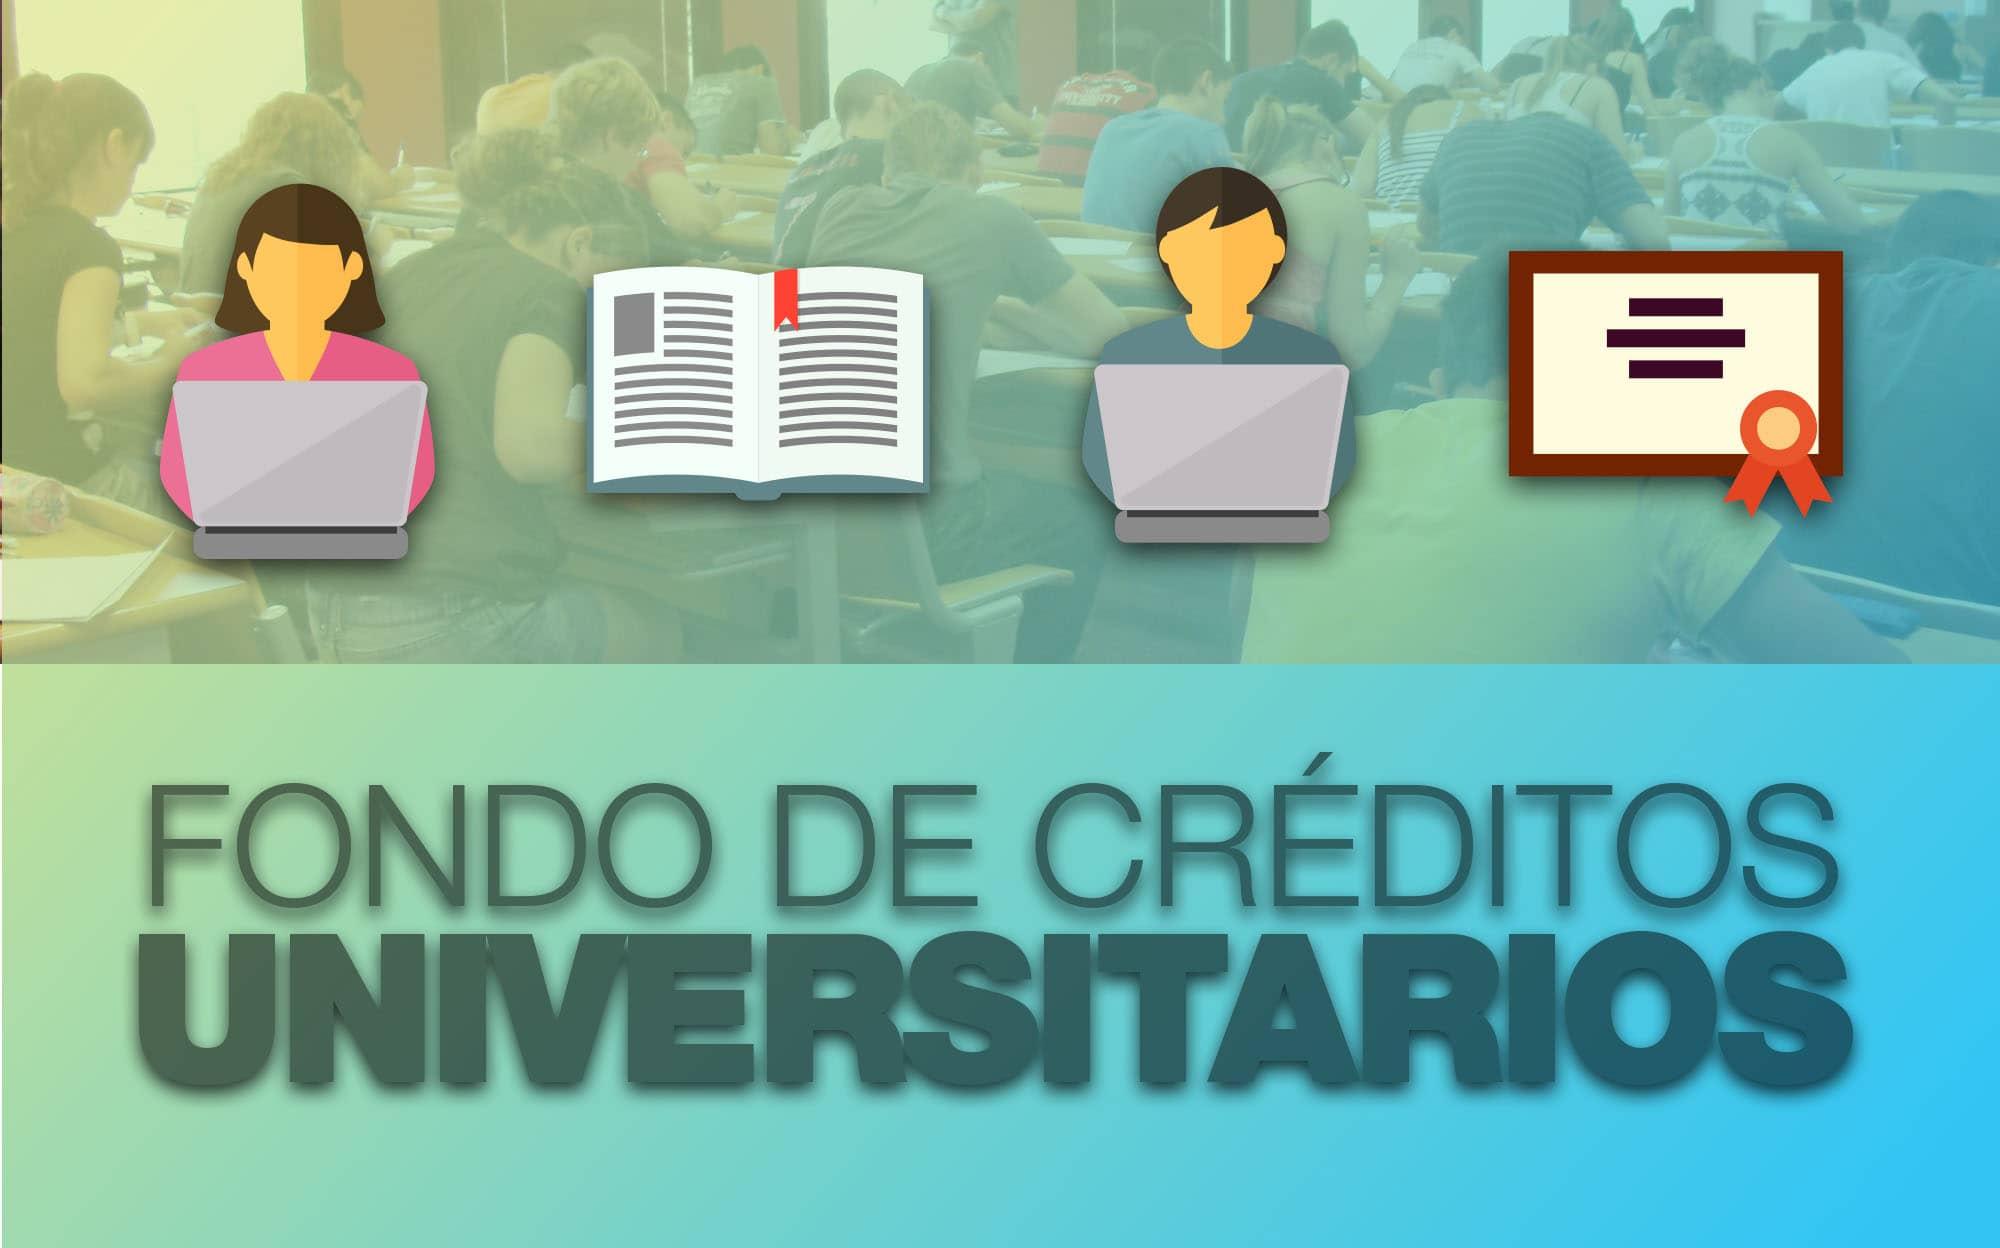 Encuesta Social para inscriptos en Créditos Universitarios